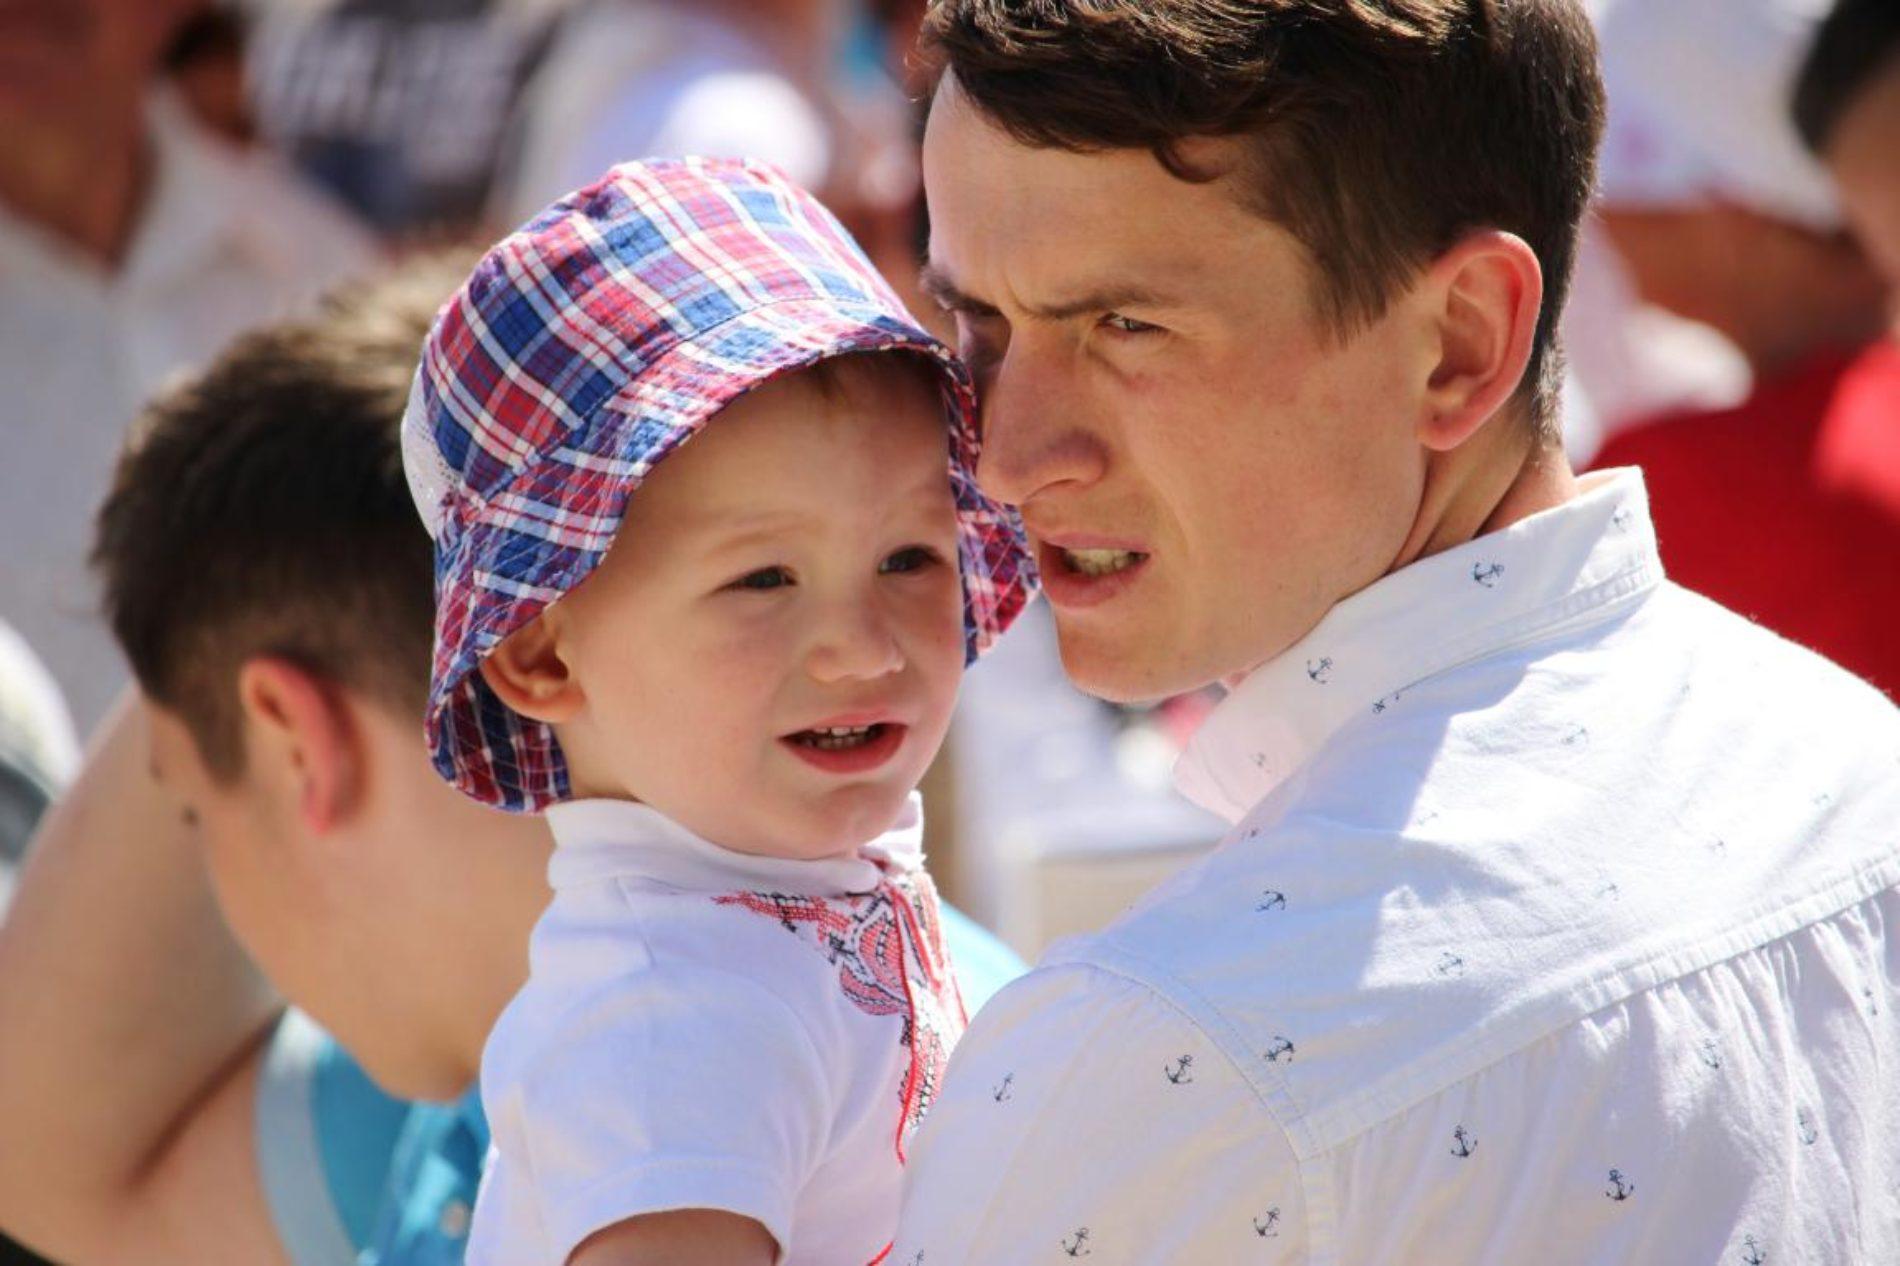 Третя Всеукраїнська Хода на захист прав дітей та сімей зібрала близько 10 тисяч учасників